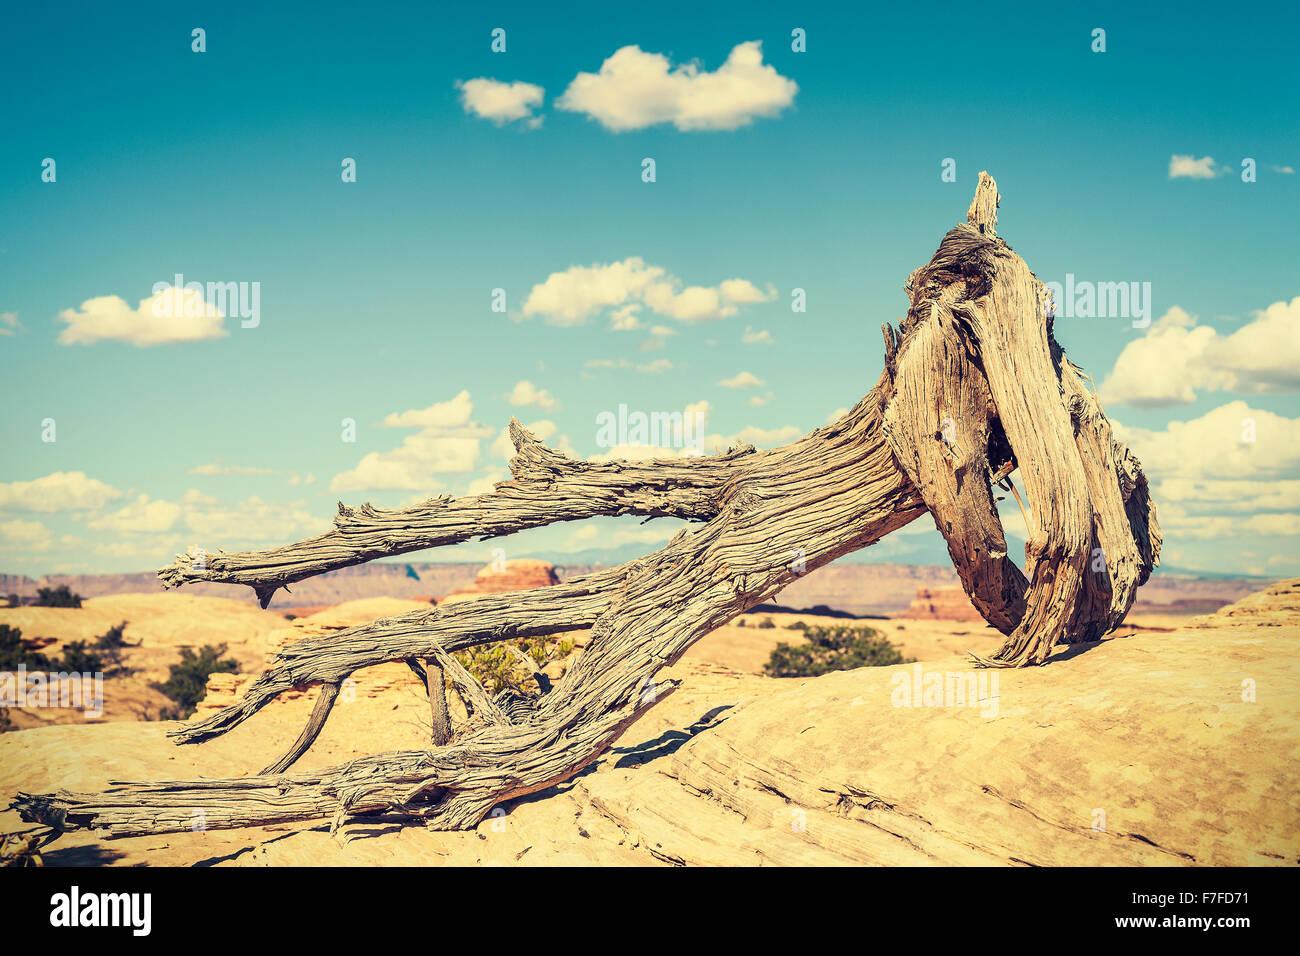 Arbre mort aux couleurs rétro, notion de changement climatique photo. Photo Stock